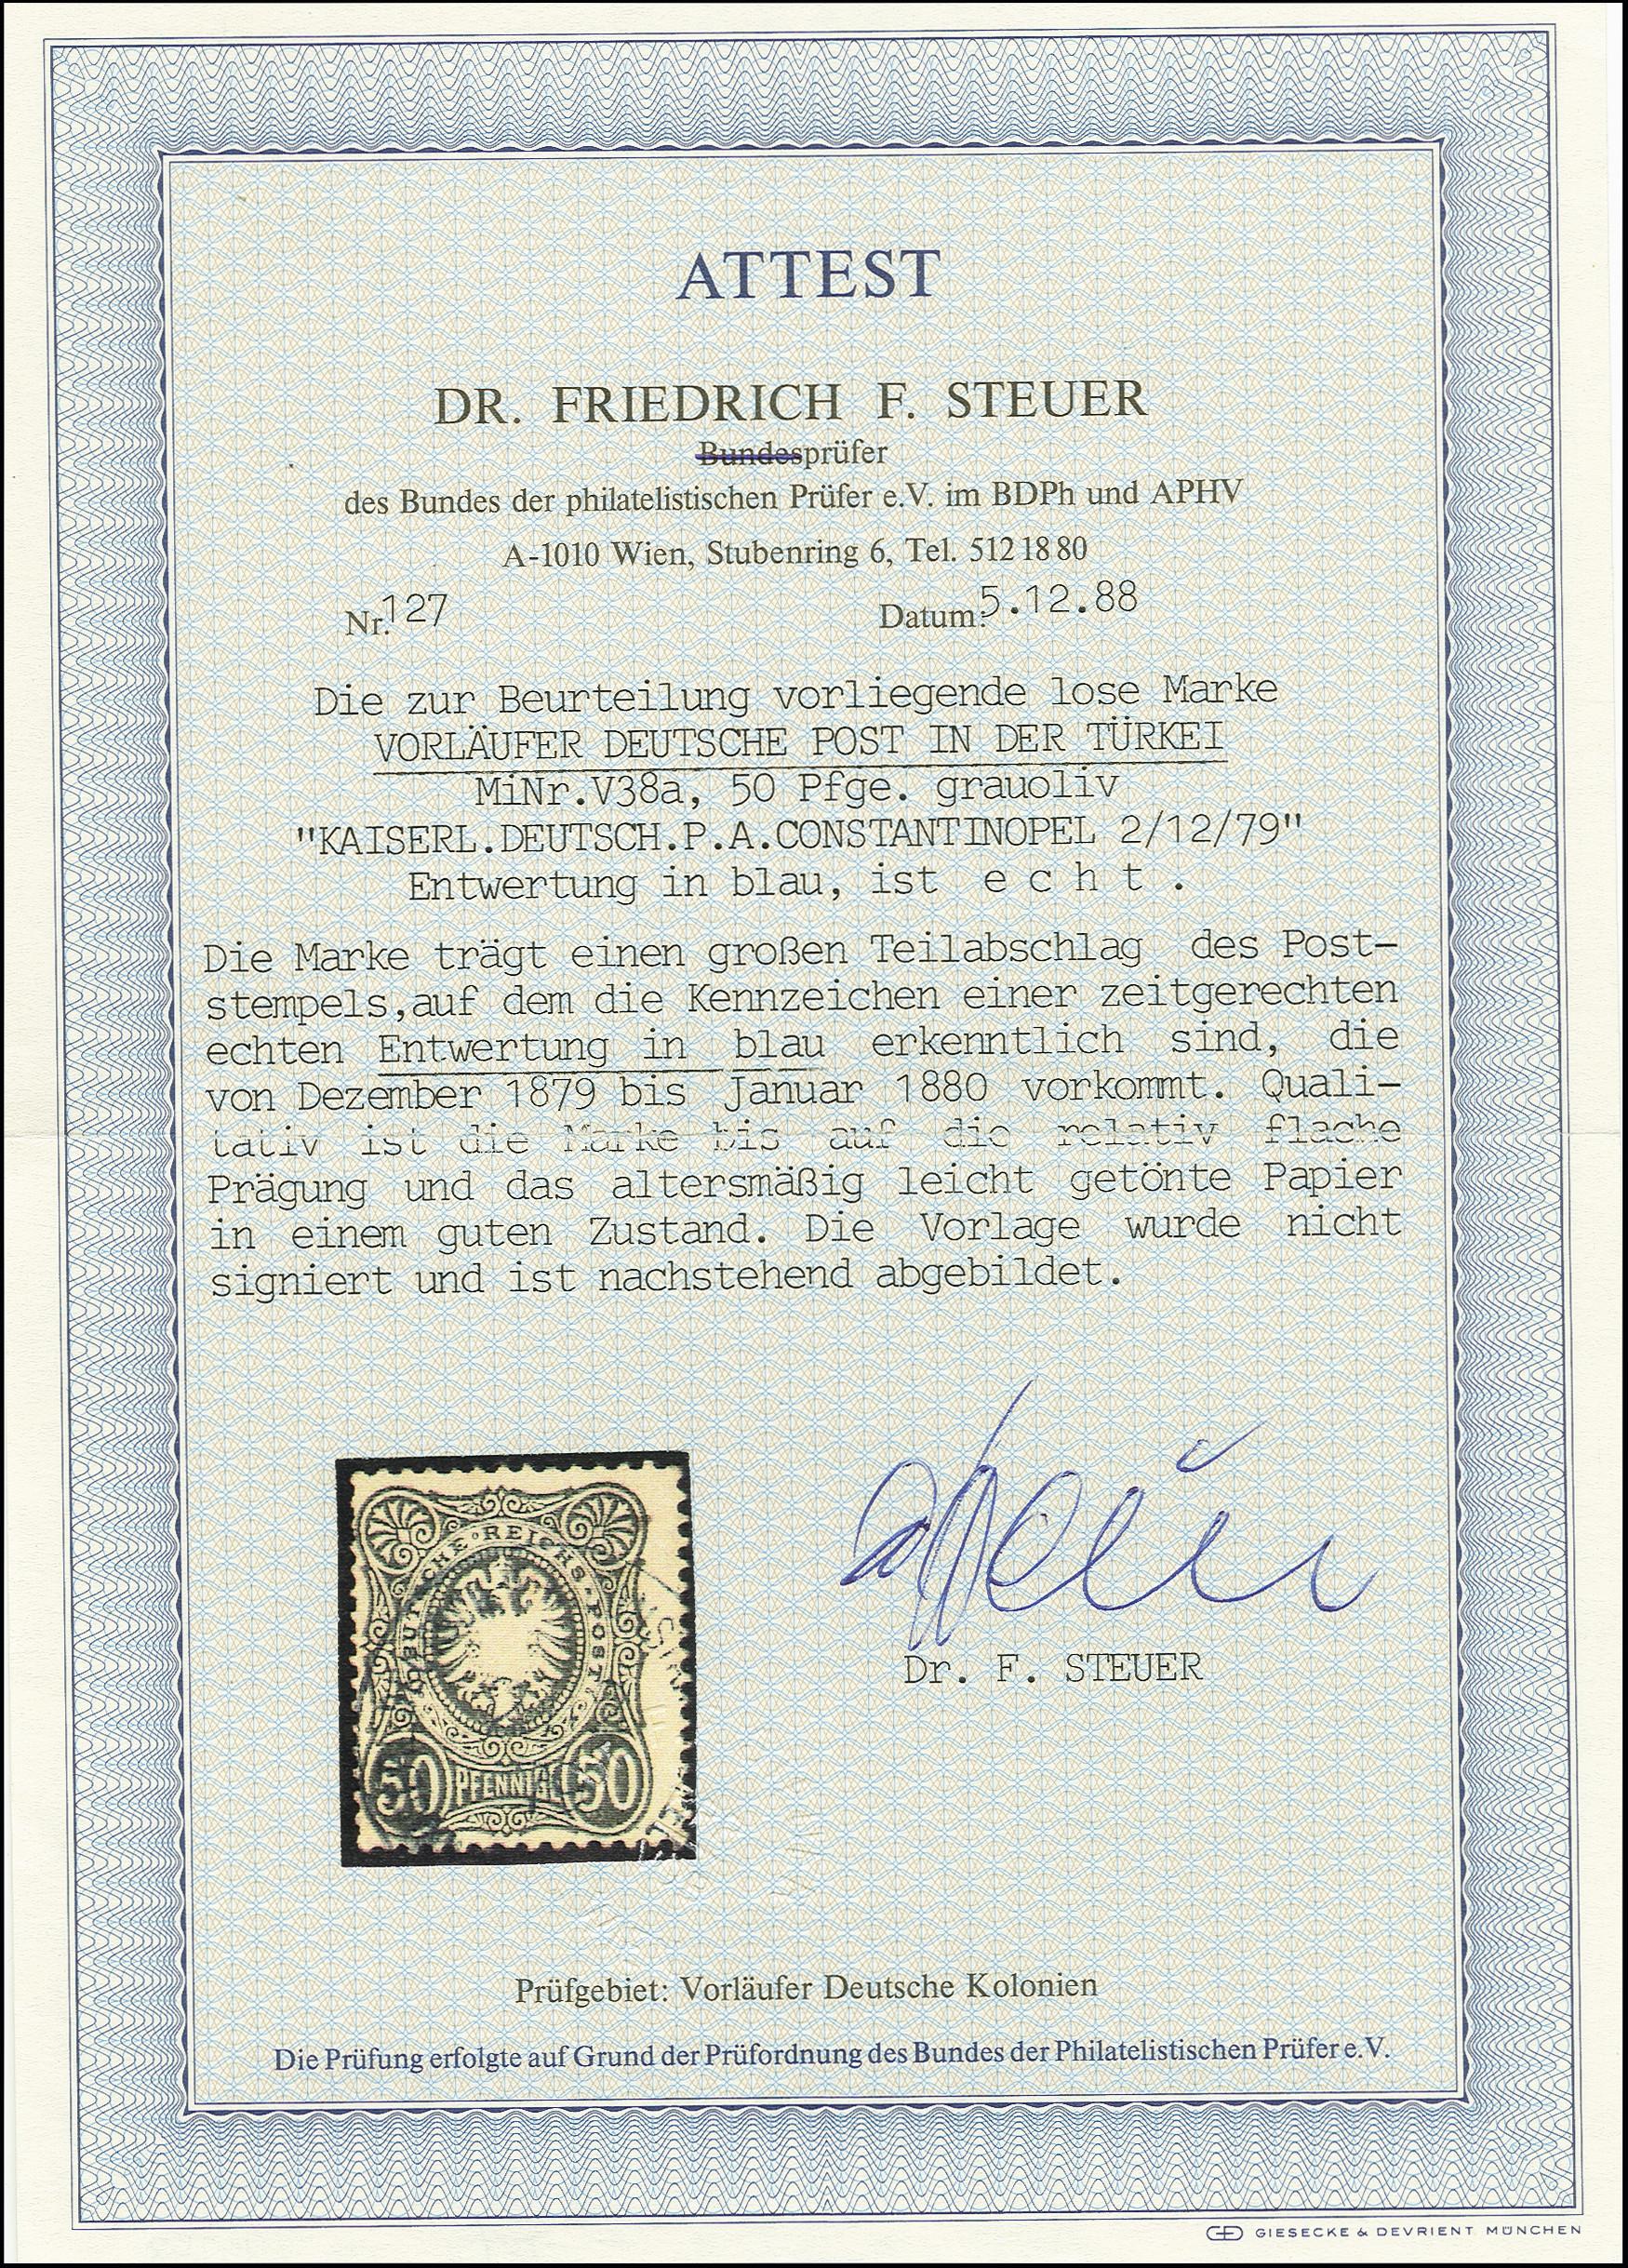 Lot 1556 - german post in turkey german post in turkey - forerunner -  Heinrich Koehler Auktionen Auction #368- Day 4